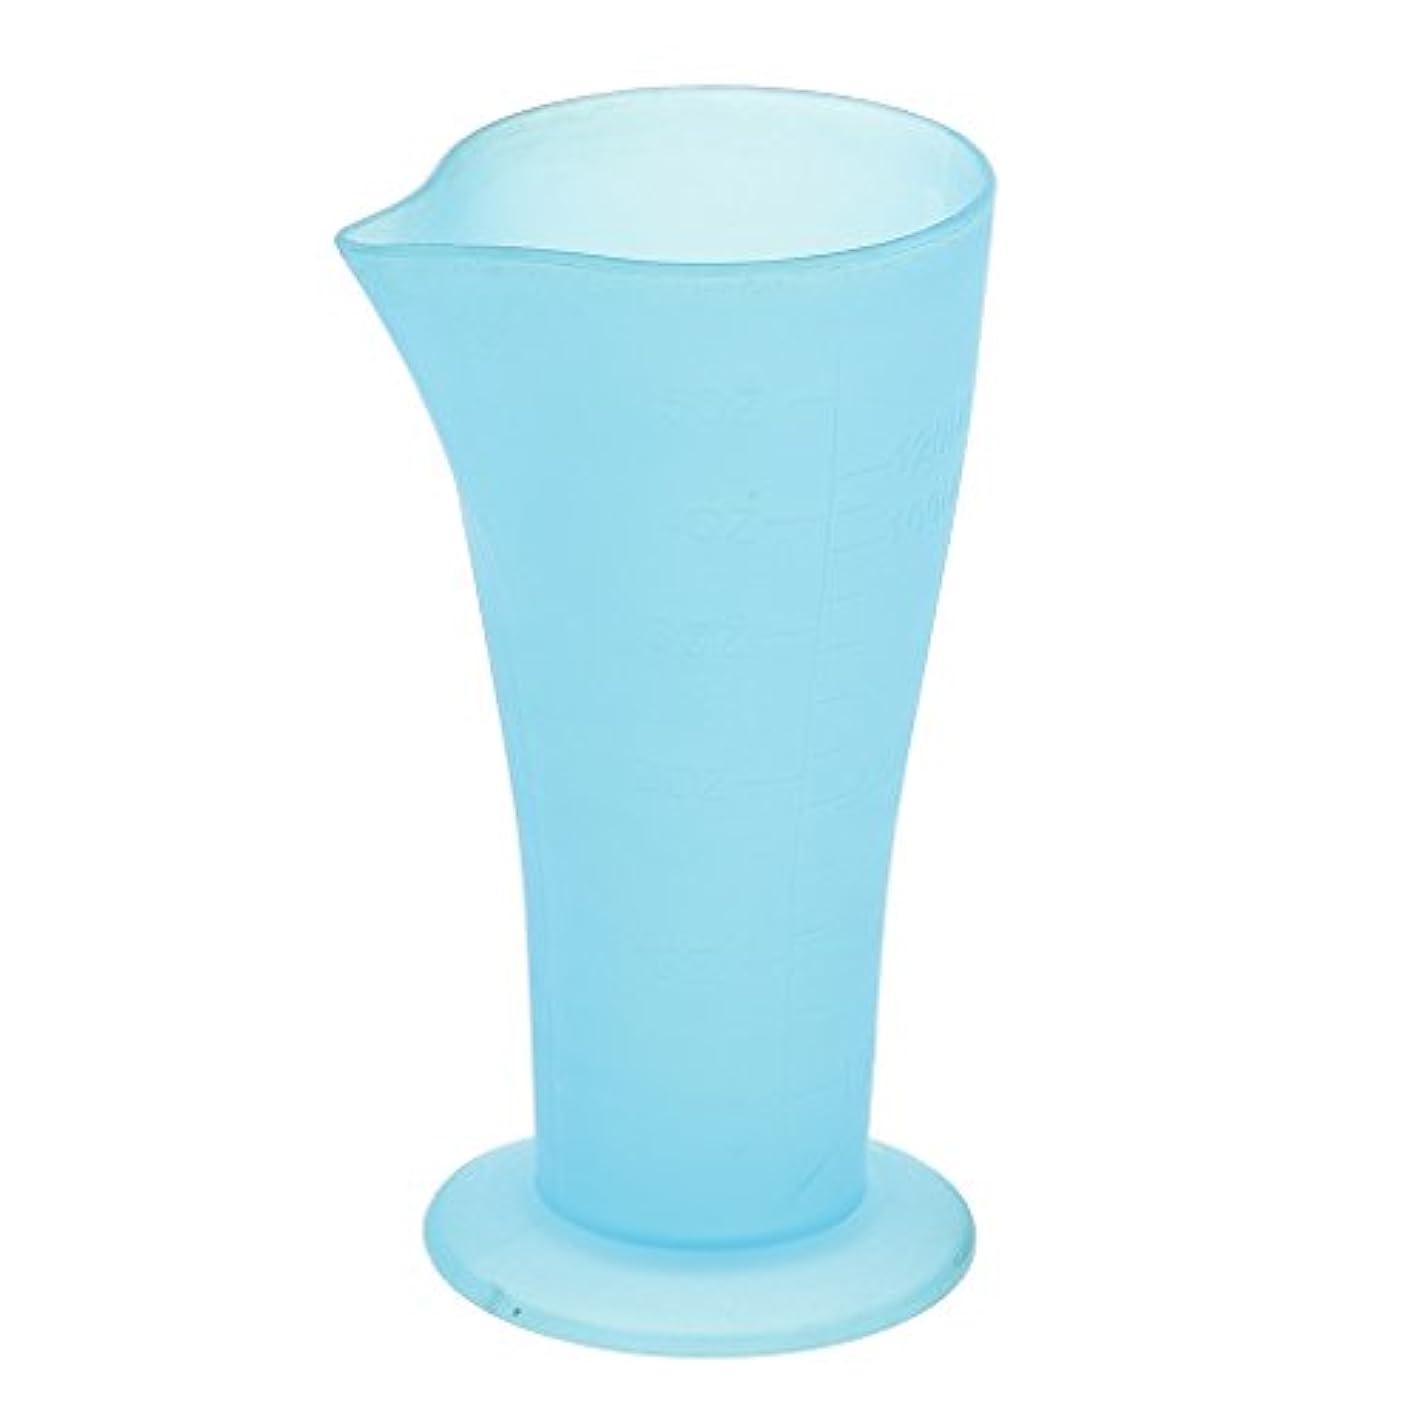 愛国的なモトリービジョンBaosity 計量カップ ヘアダイカップ プラスチック サロン 髪の色合い 色の混合用 読みやすい測定 再使用可能